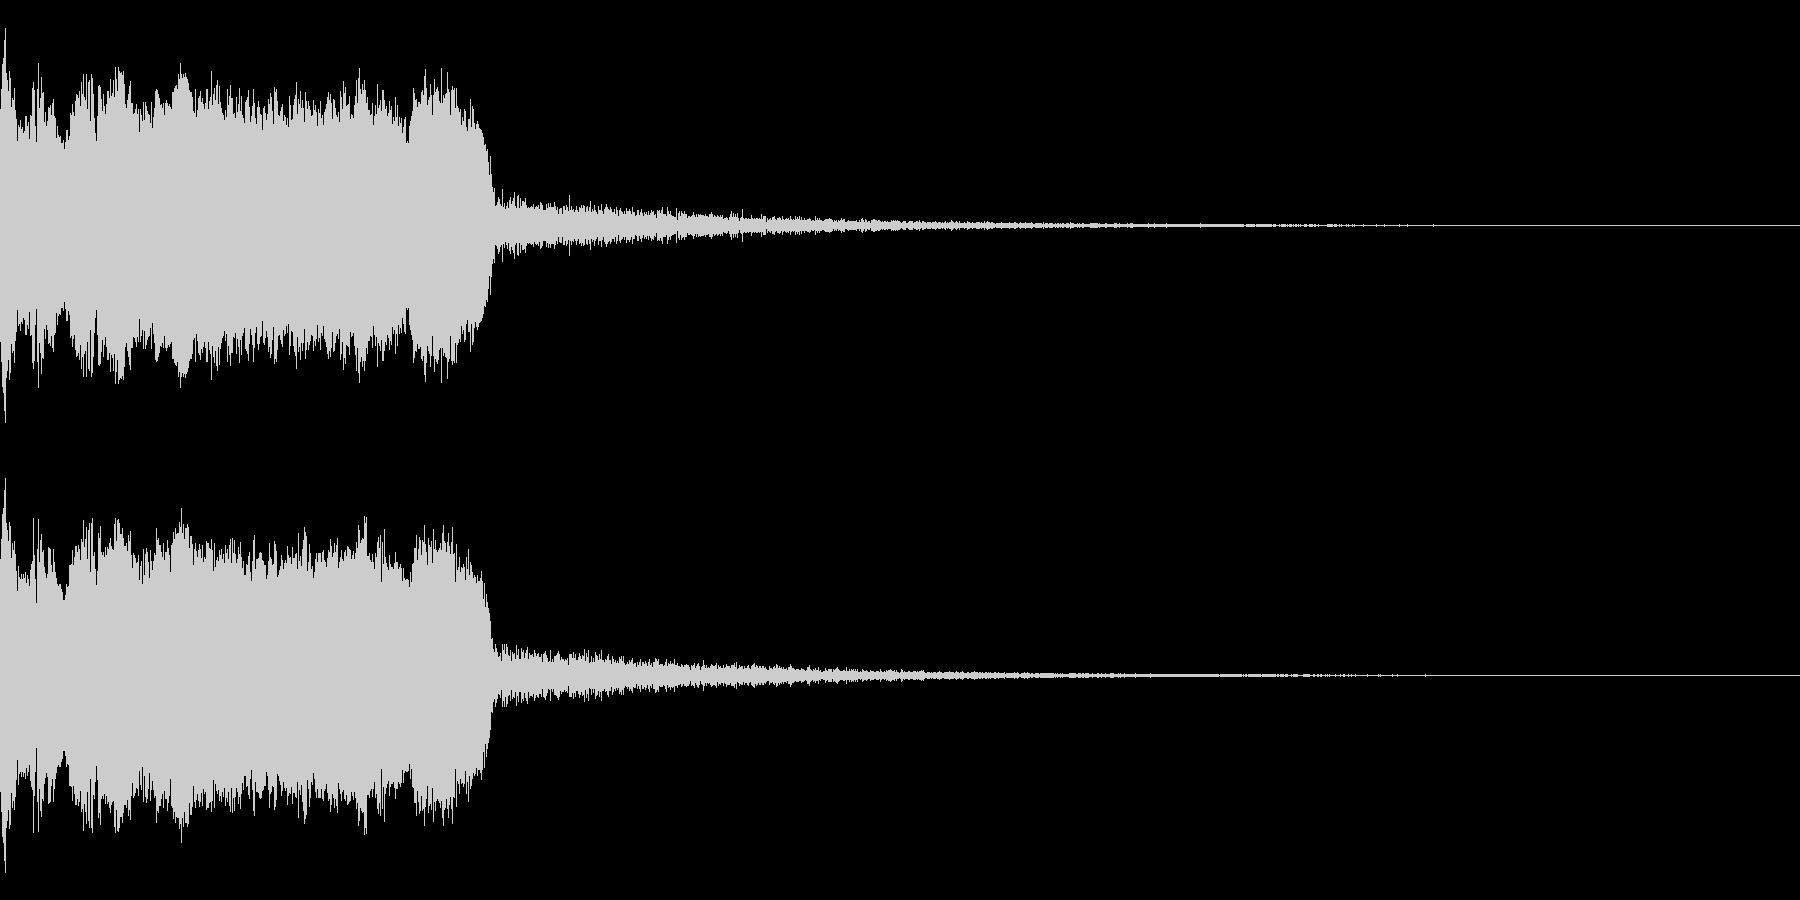 DJFX ヒットチャート発表前SE 31の未再生の波形